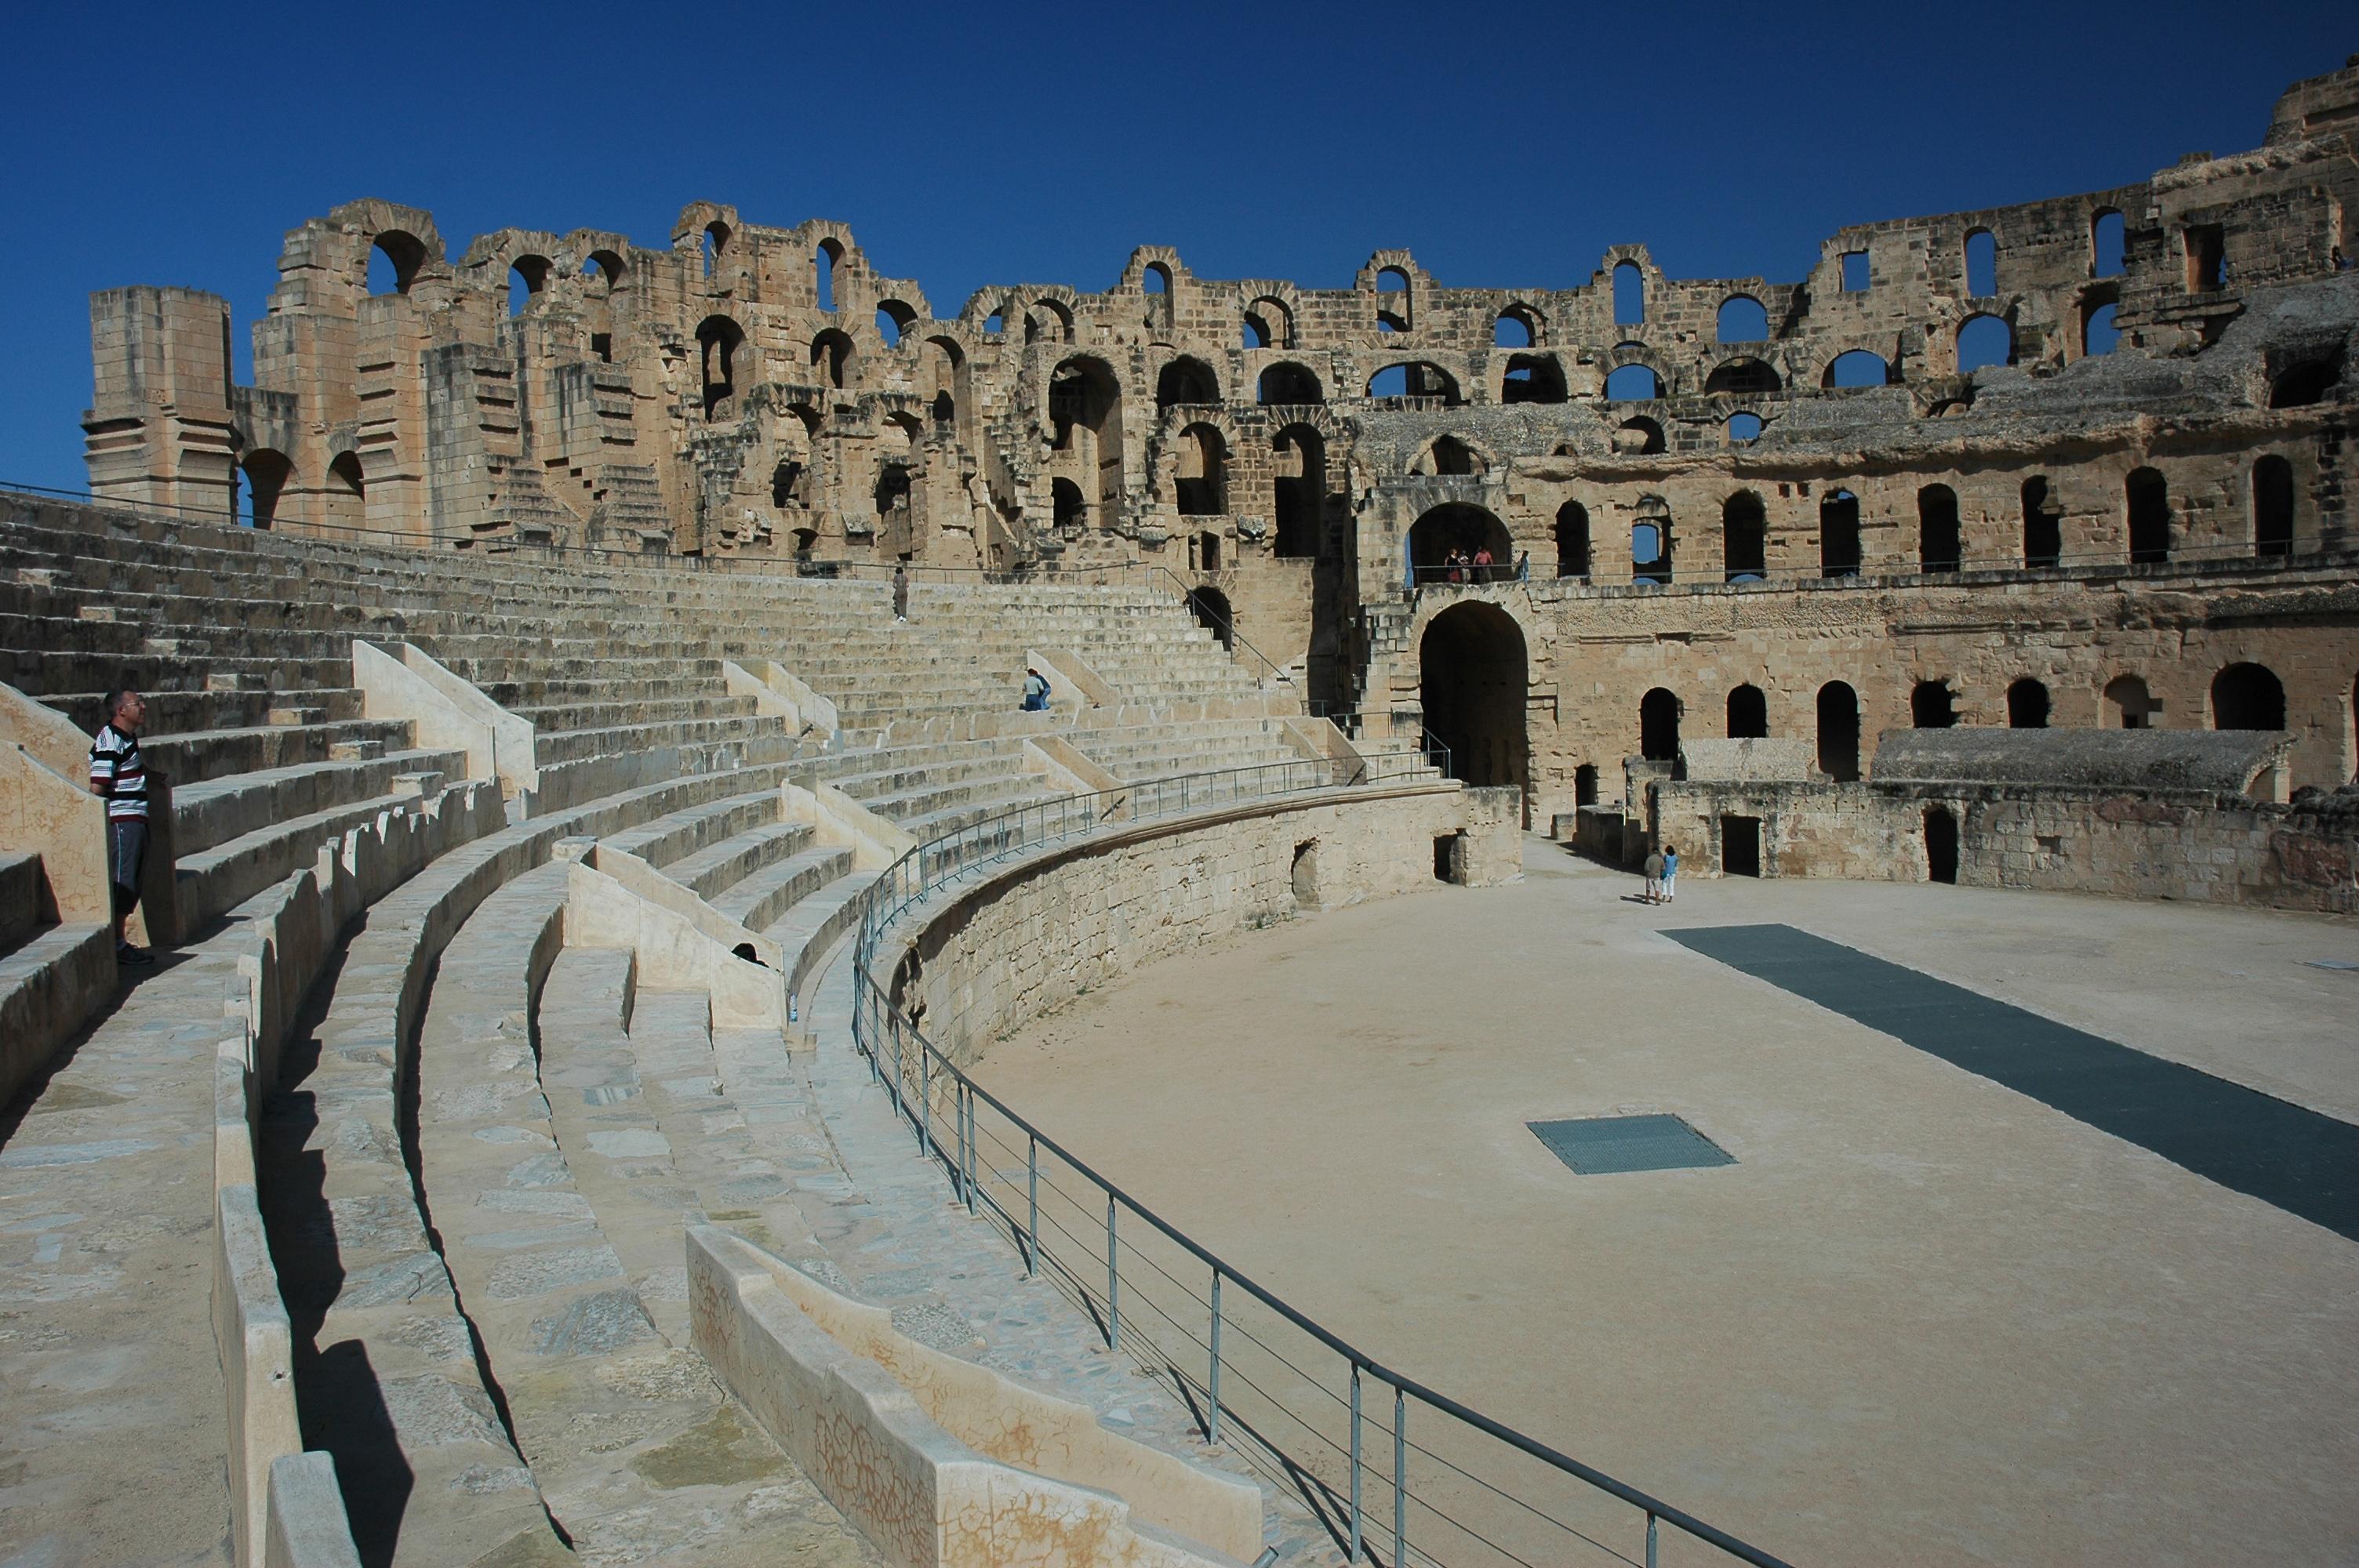 Fabrication D Escalier En Tunisie 100+ [ rampe escalier tunisie ]   les 32 meilleures images